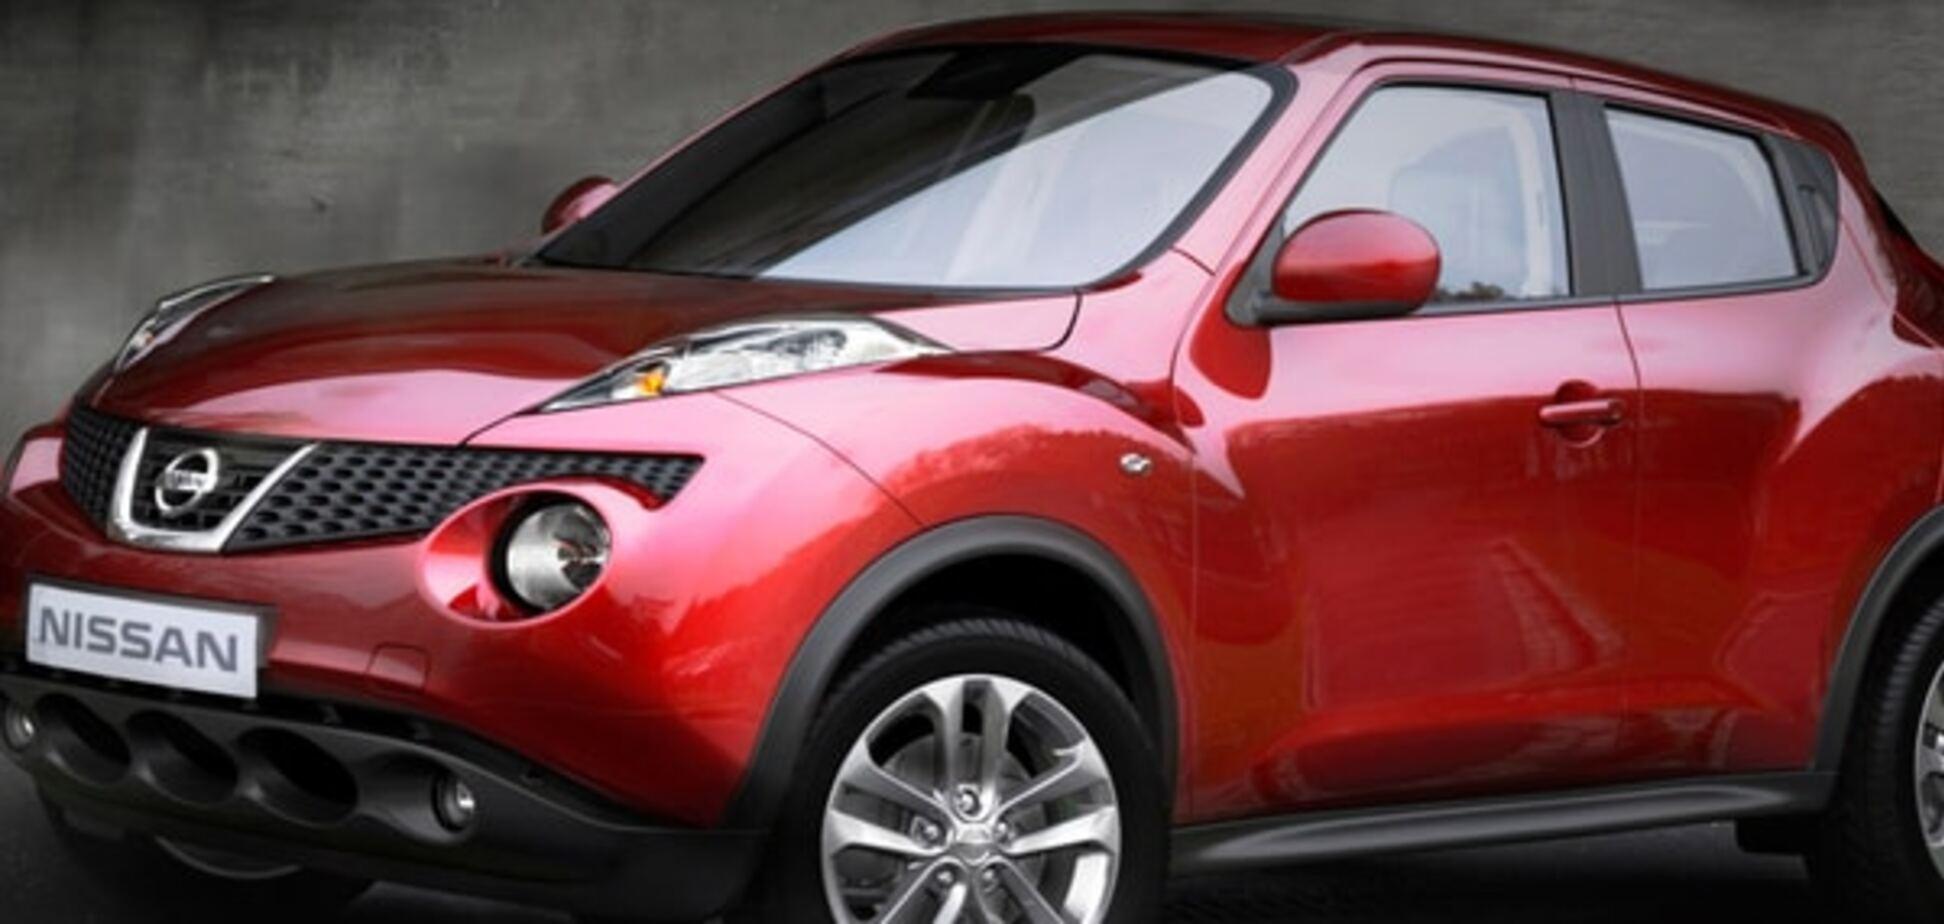 Паркетник для українця: ТОП-7 недорогих авто найбільшого сегмента ринку